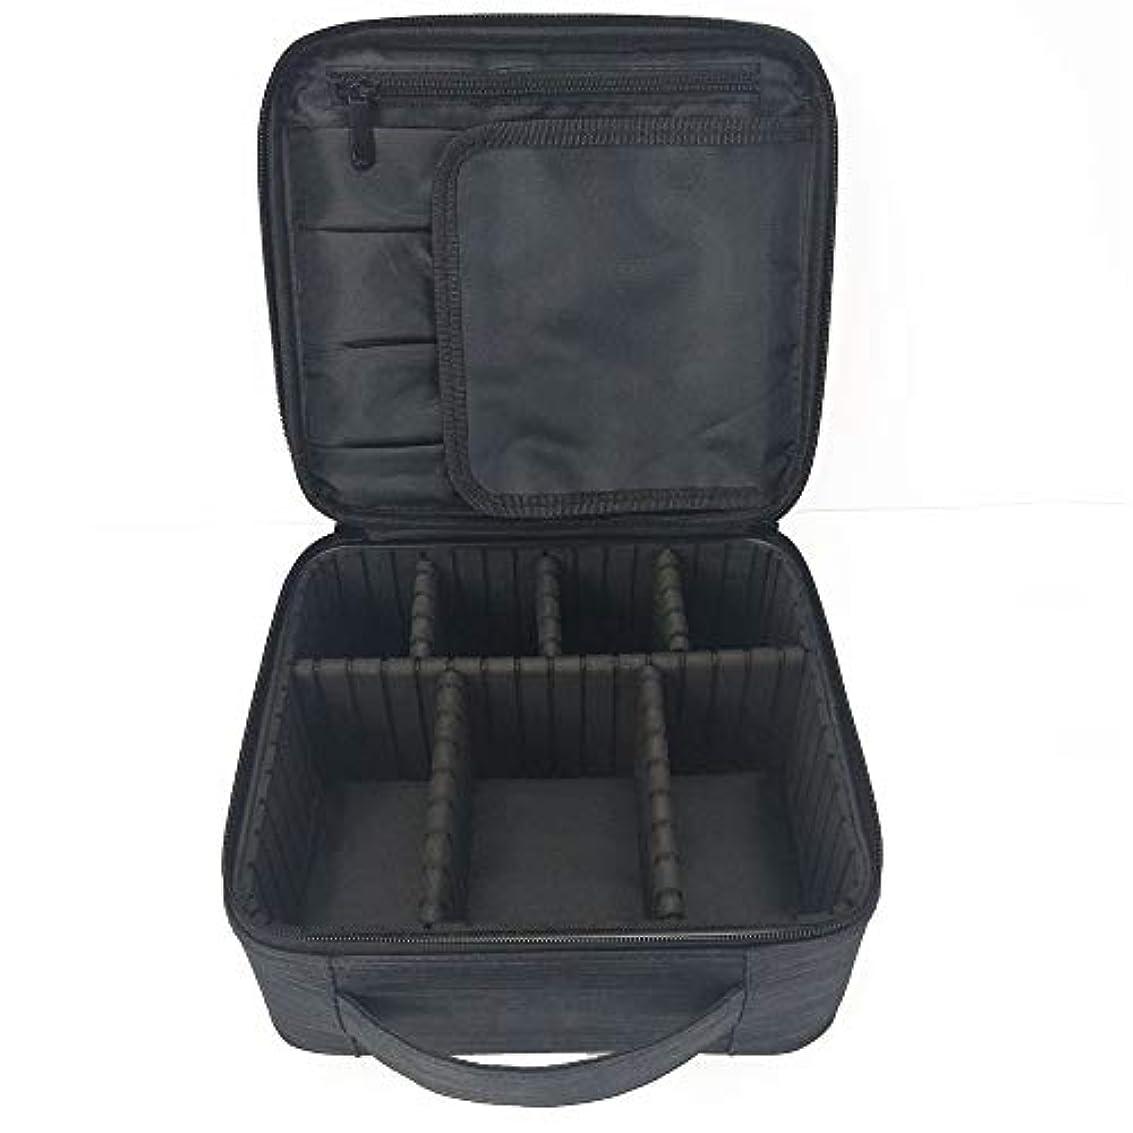 時折歴史的公平な化粧オーガナイザーバッグ 調整可能な仕切り付き防水メイクアップバッグ旅行化粧ケースブラシホルダー 化粧品ケース